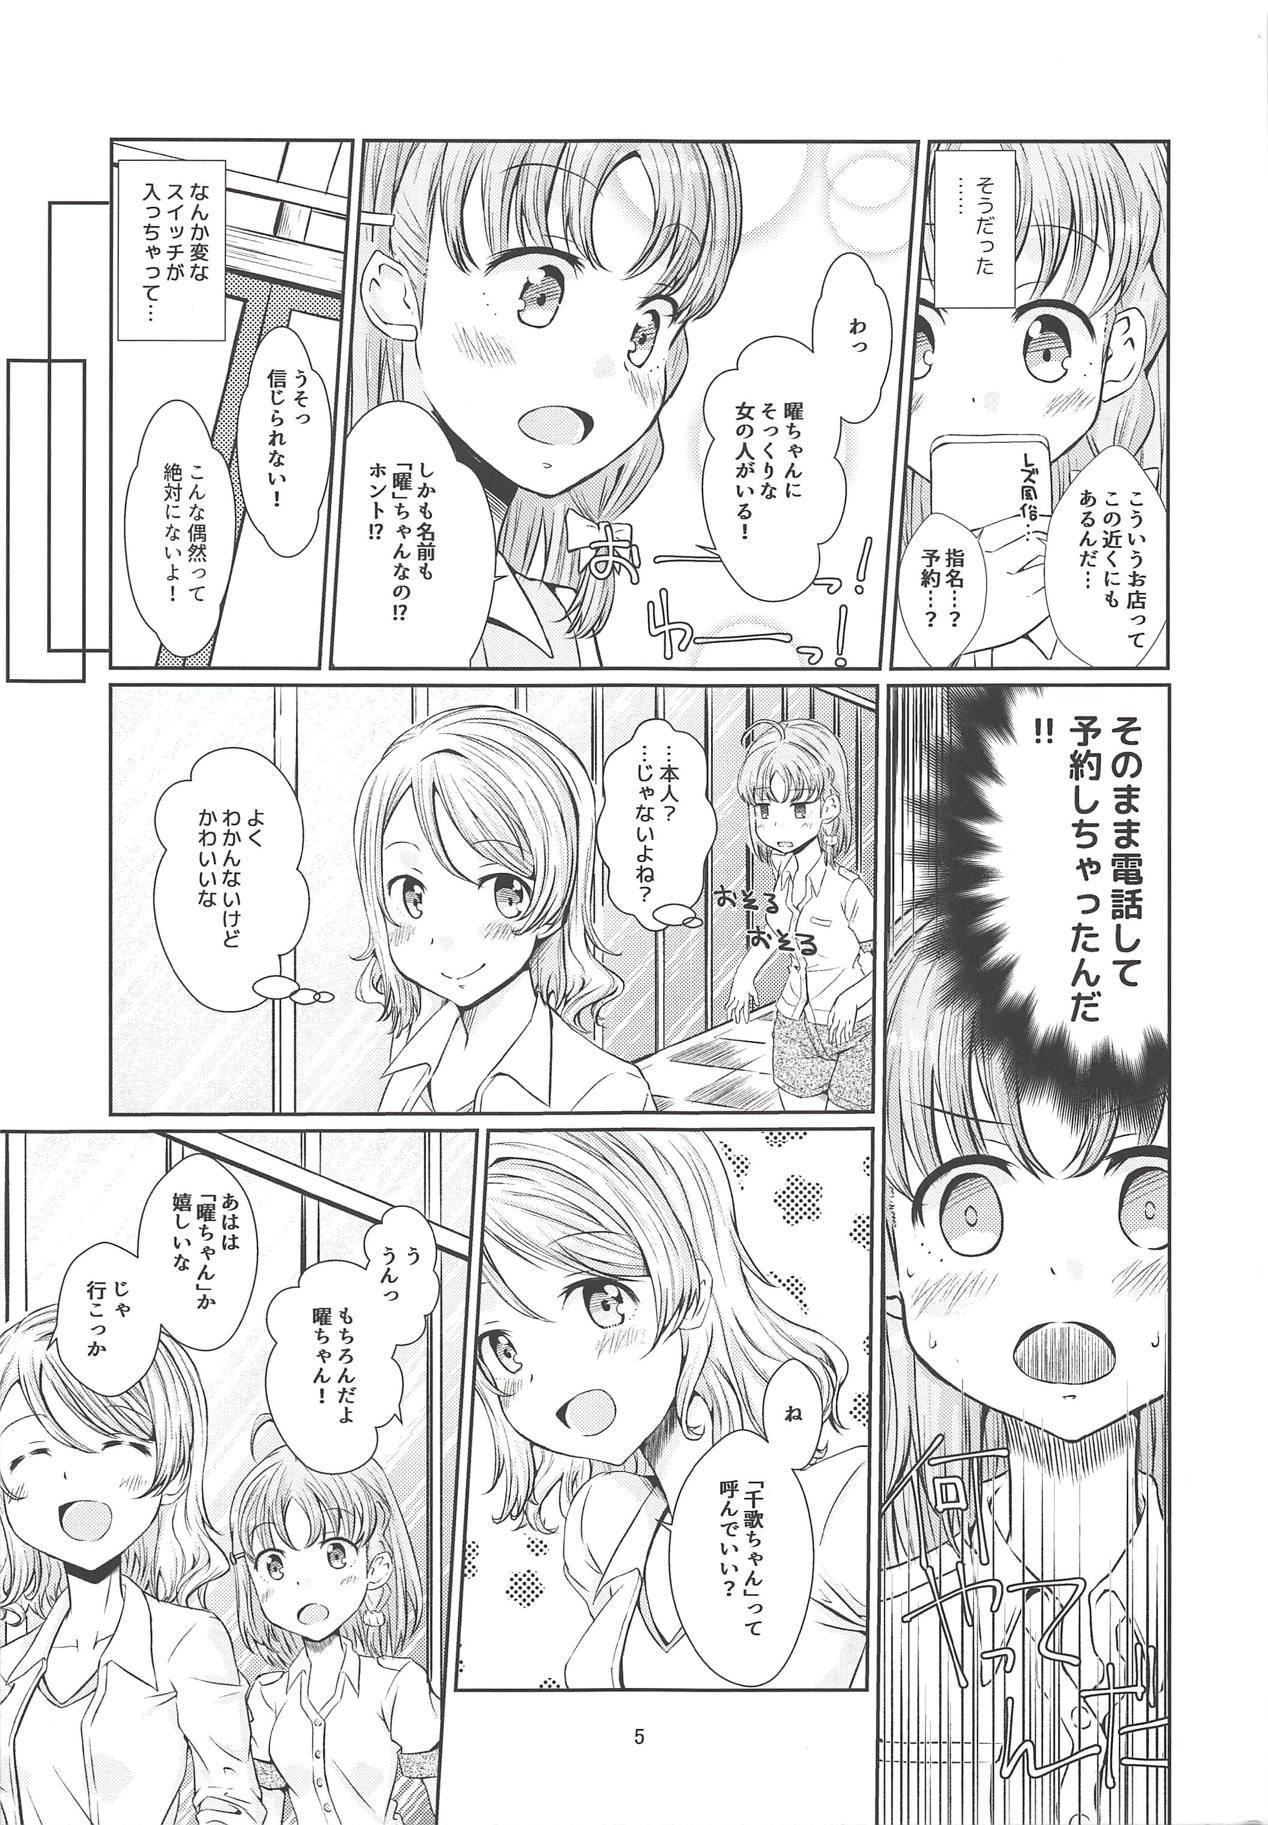 Hajimete no Natsu 3